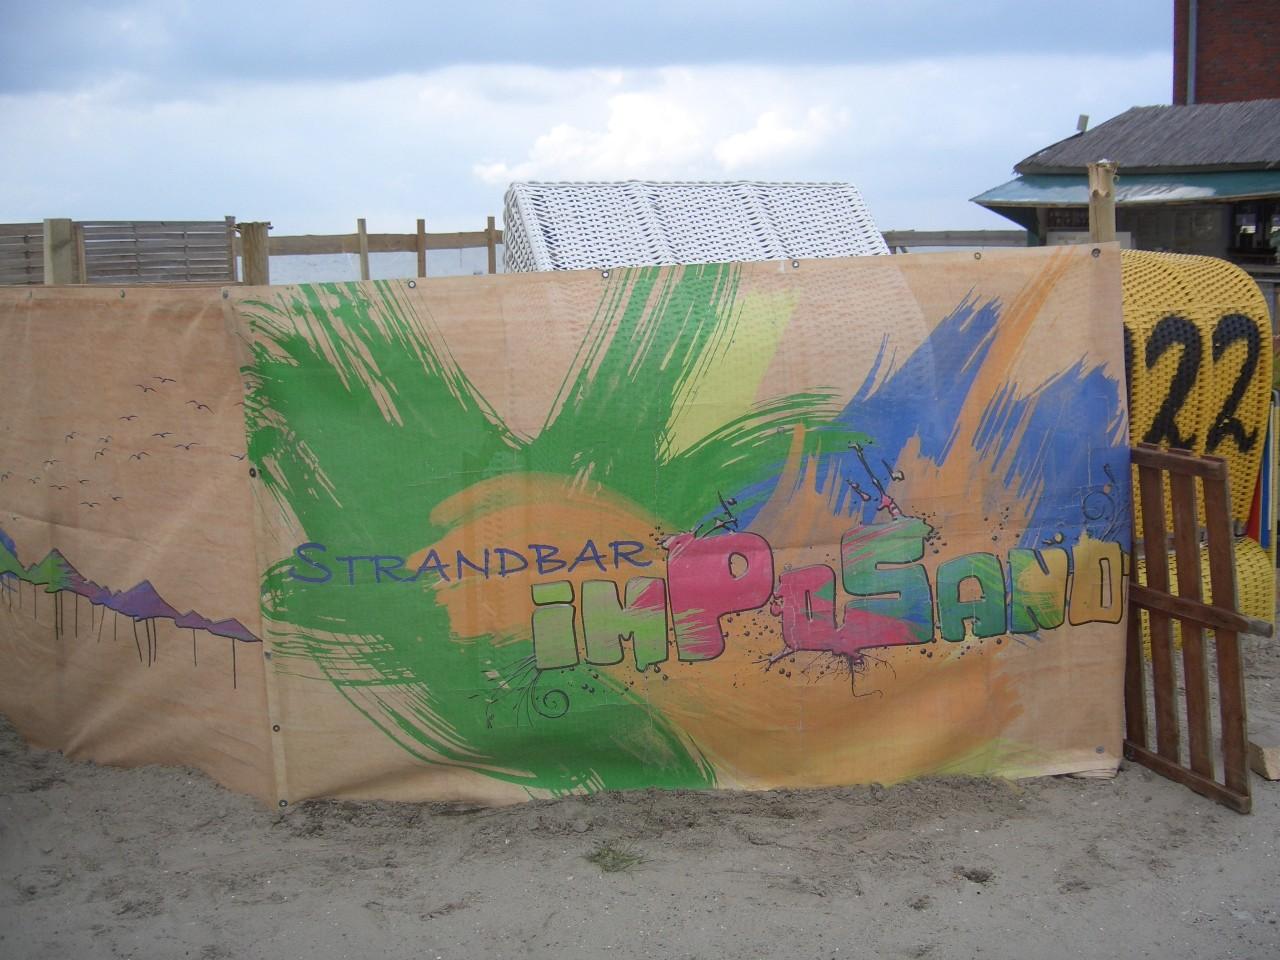 """Diese """"imPoSand""""e Bar fanden wir am Strand"""